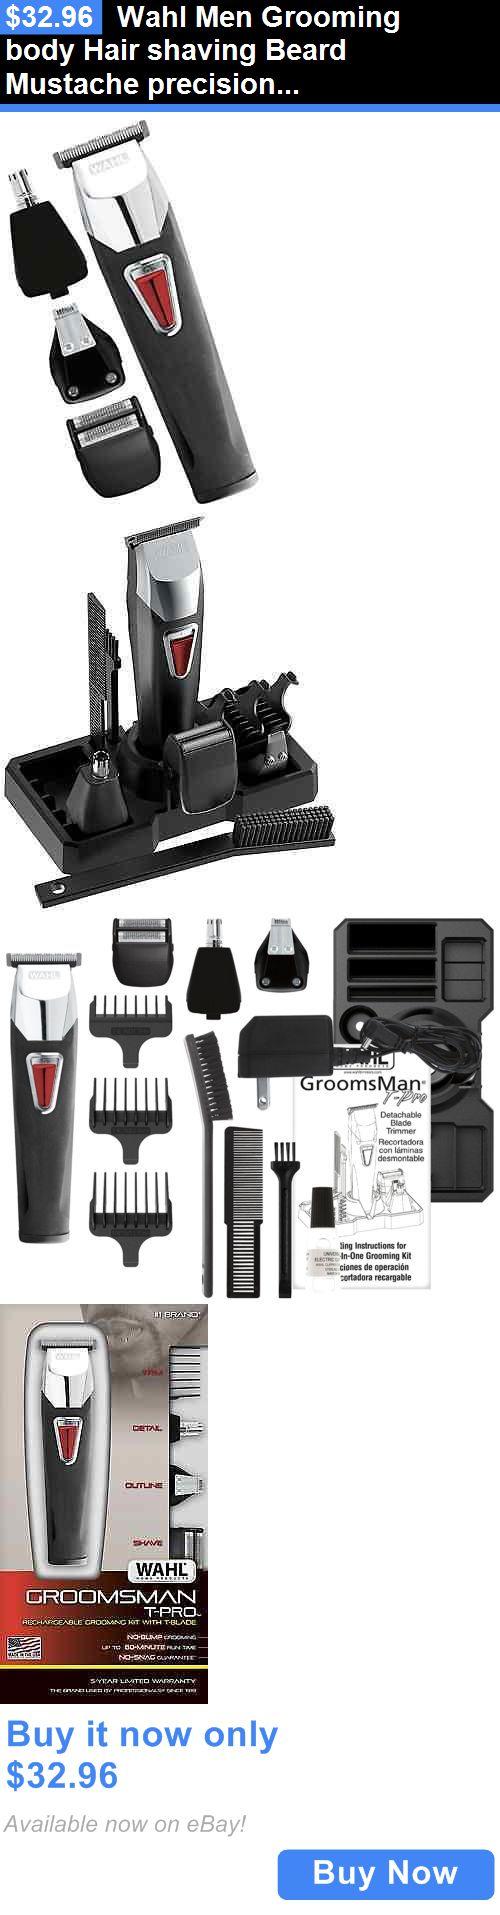 Shaving: Wahl Men Grooming Body Hair Shaving Beard Mustache Precision Trimmer Kit . BUY IT NOW ONLY: $32.96